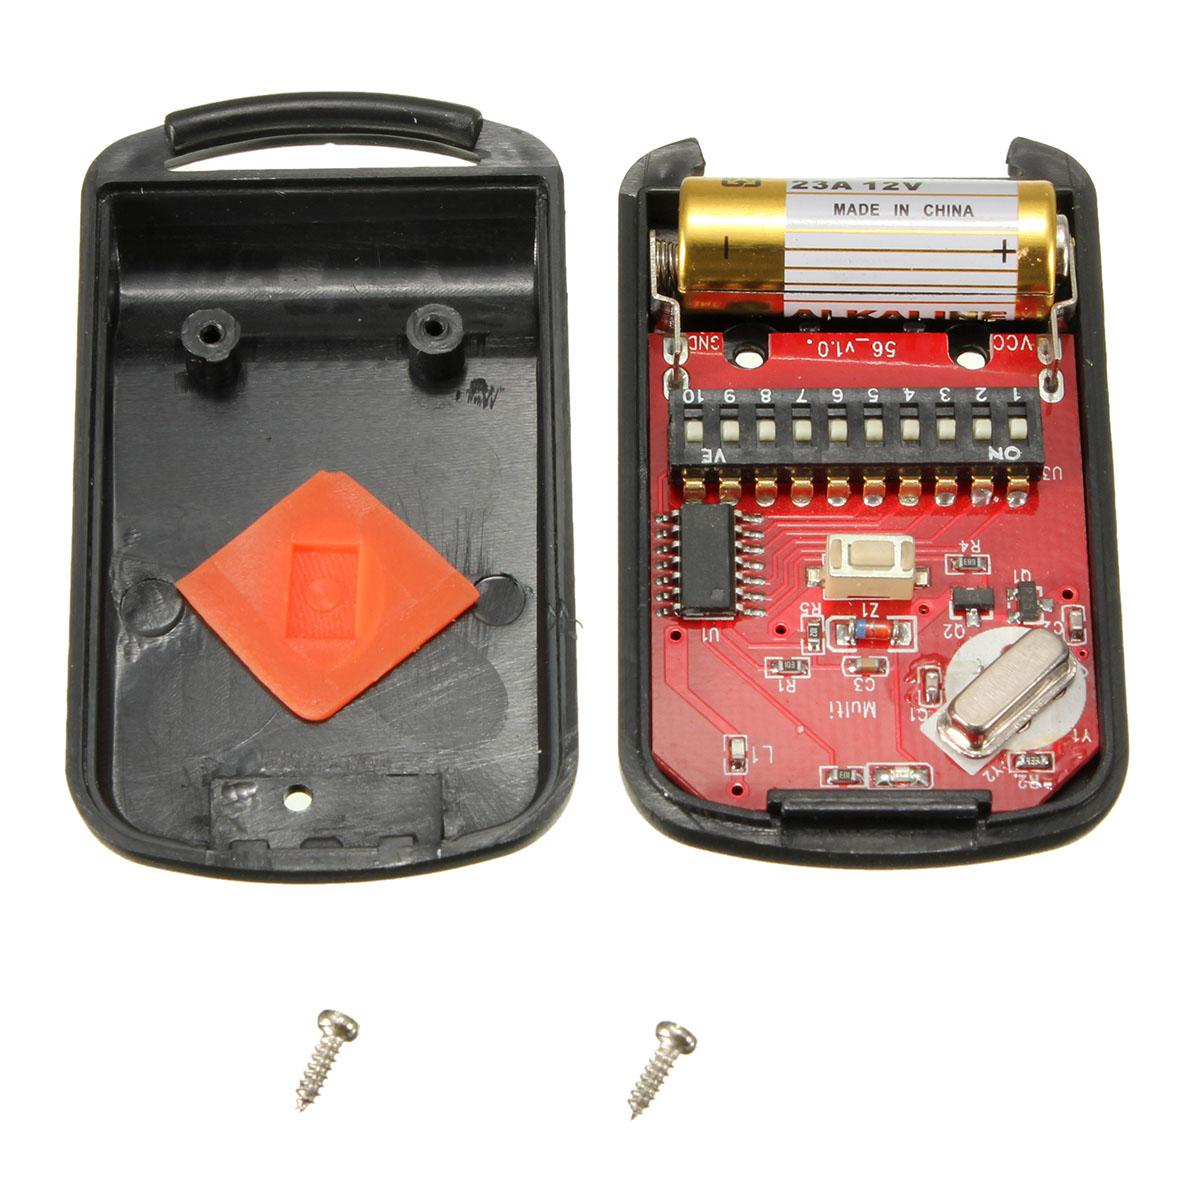 Mini remote garage transmitter for multicode 3060 300mhz for 12v garage door opener remote